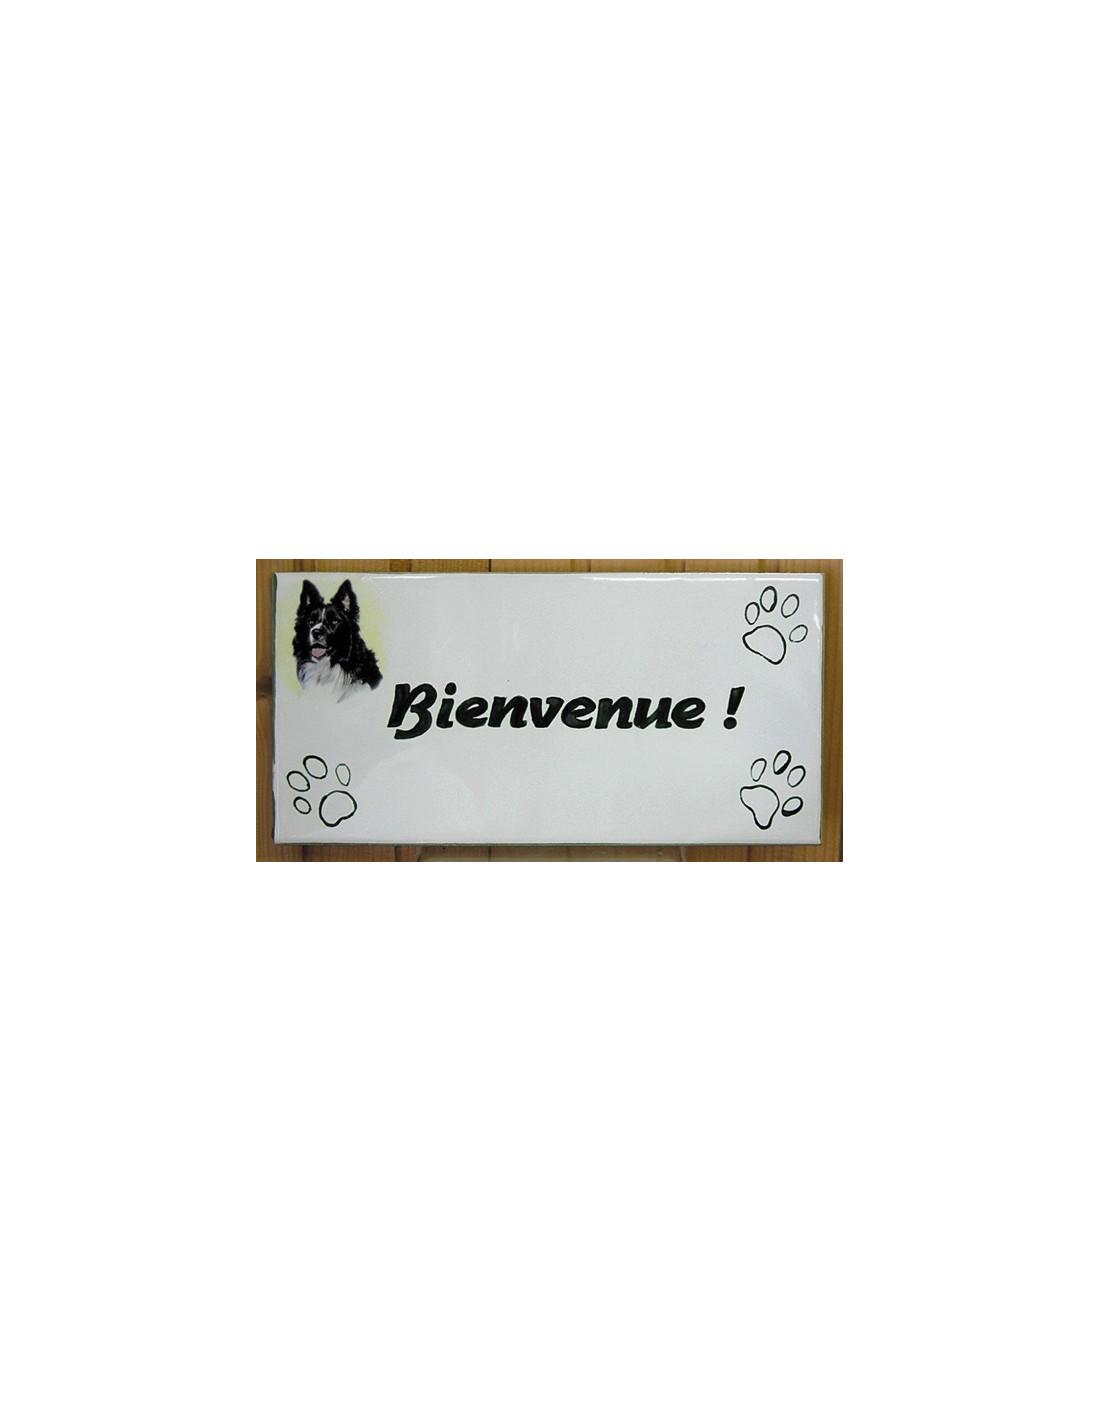 plaque rectangulaire de maison en c ramique maill e motif border collie inscription. Black Bedroom Furniture Sets. Home Design Ideas